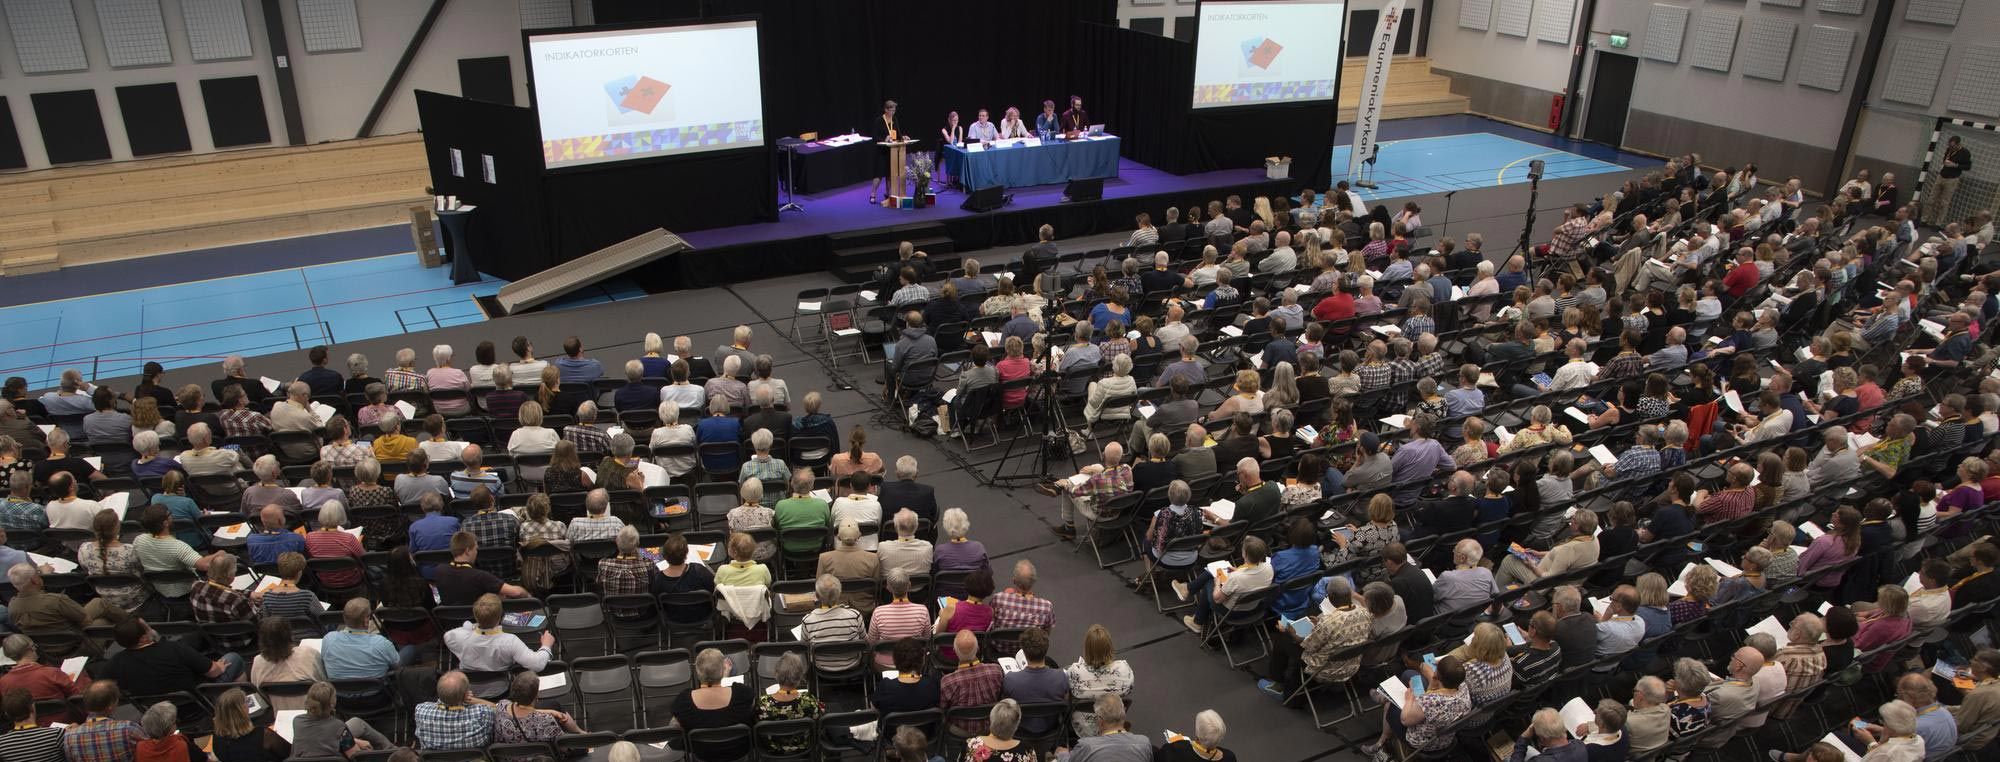 Foto från Kyrkokonferensen